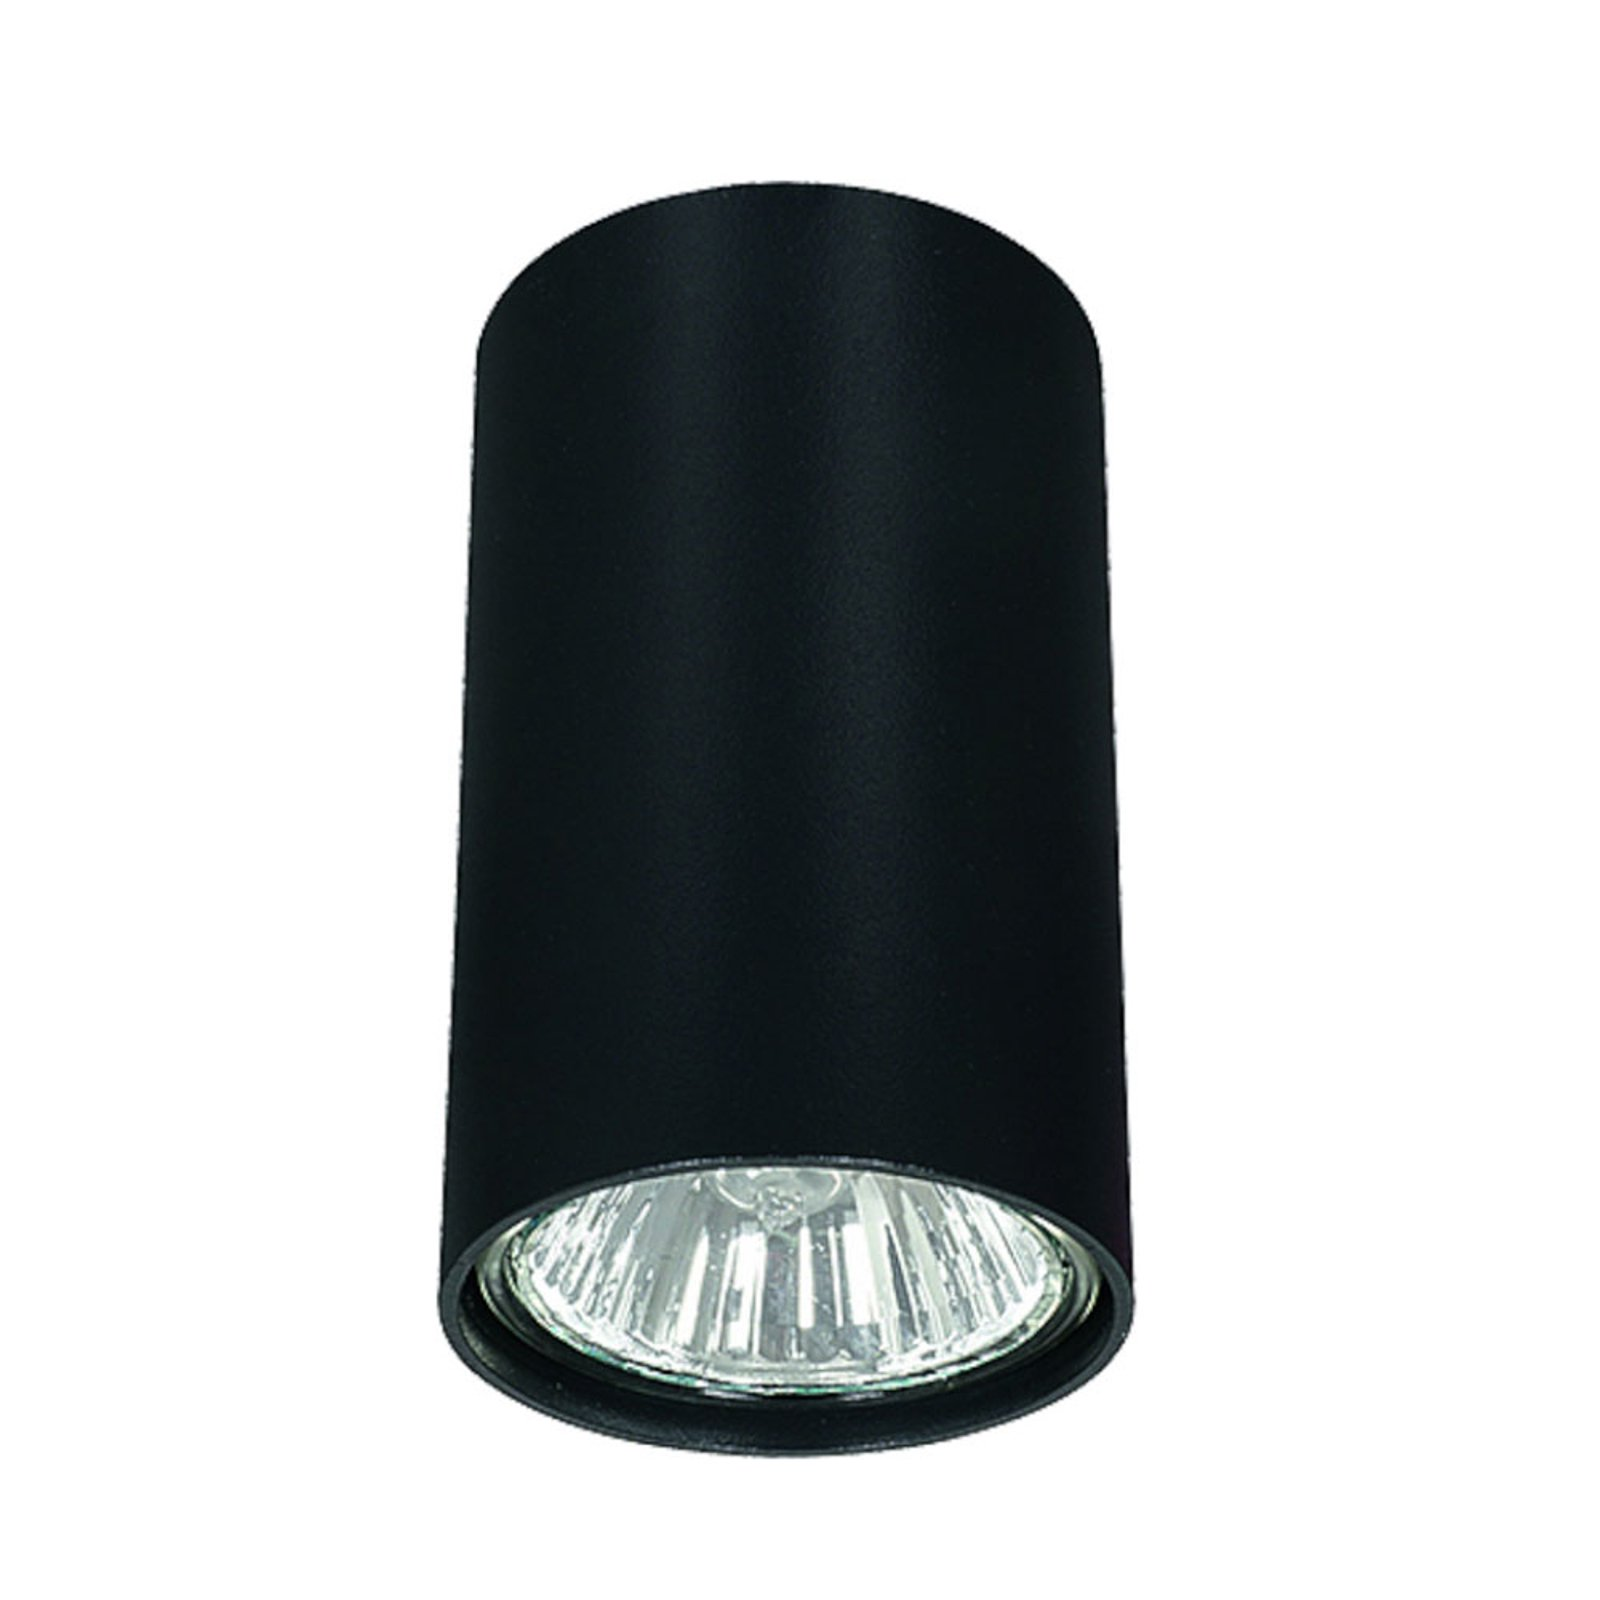 Downlight Eye S i sylinderform, svart